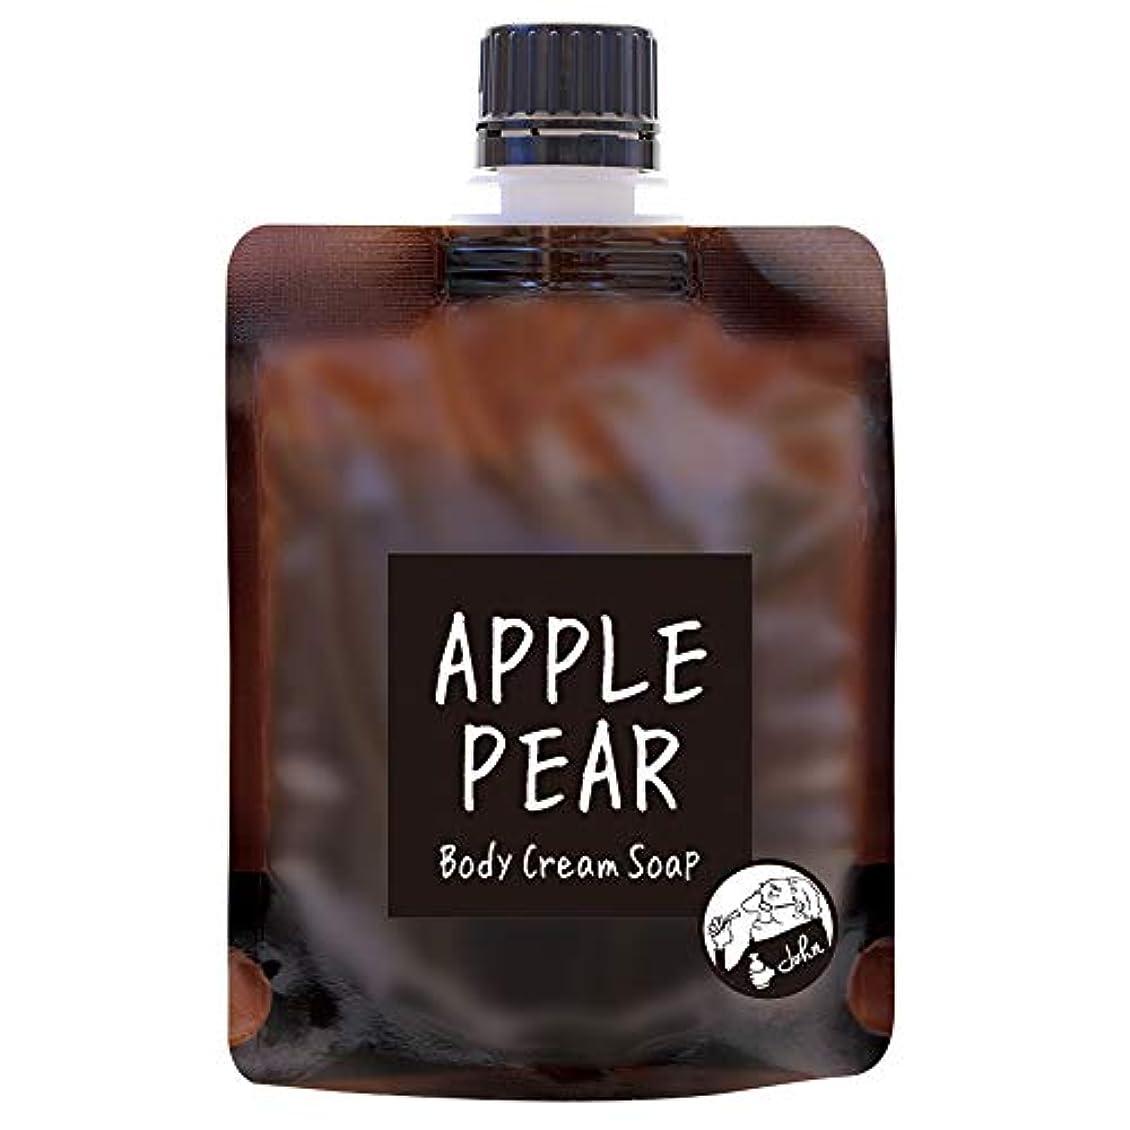 ペチュランス笑い一瞬ノルコーポレーション John's Blend ボディクリームソープ 保湿成分配合 OA-JON-19-4 ボディソープ アップルペアーの香り 100g